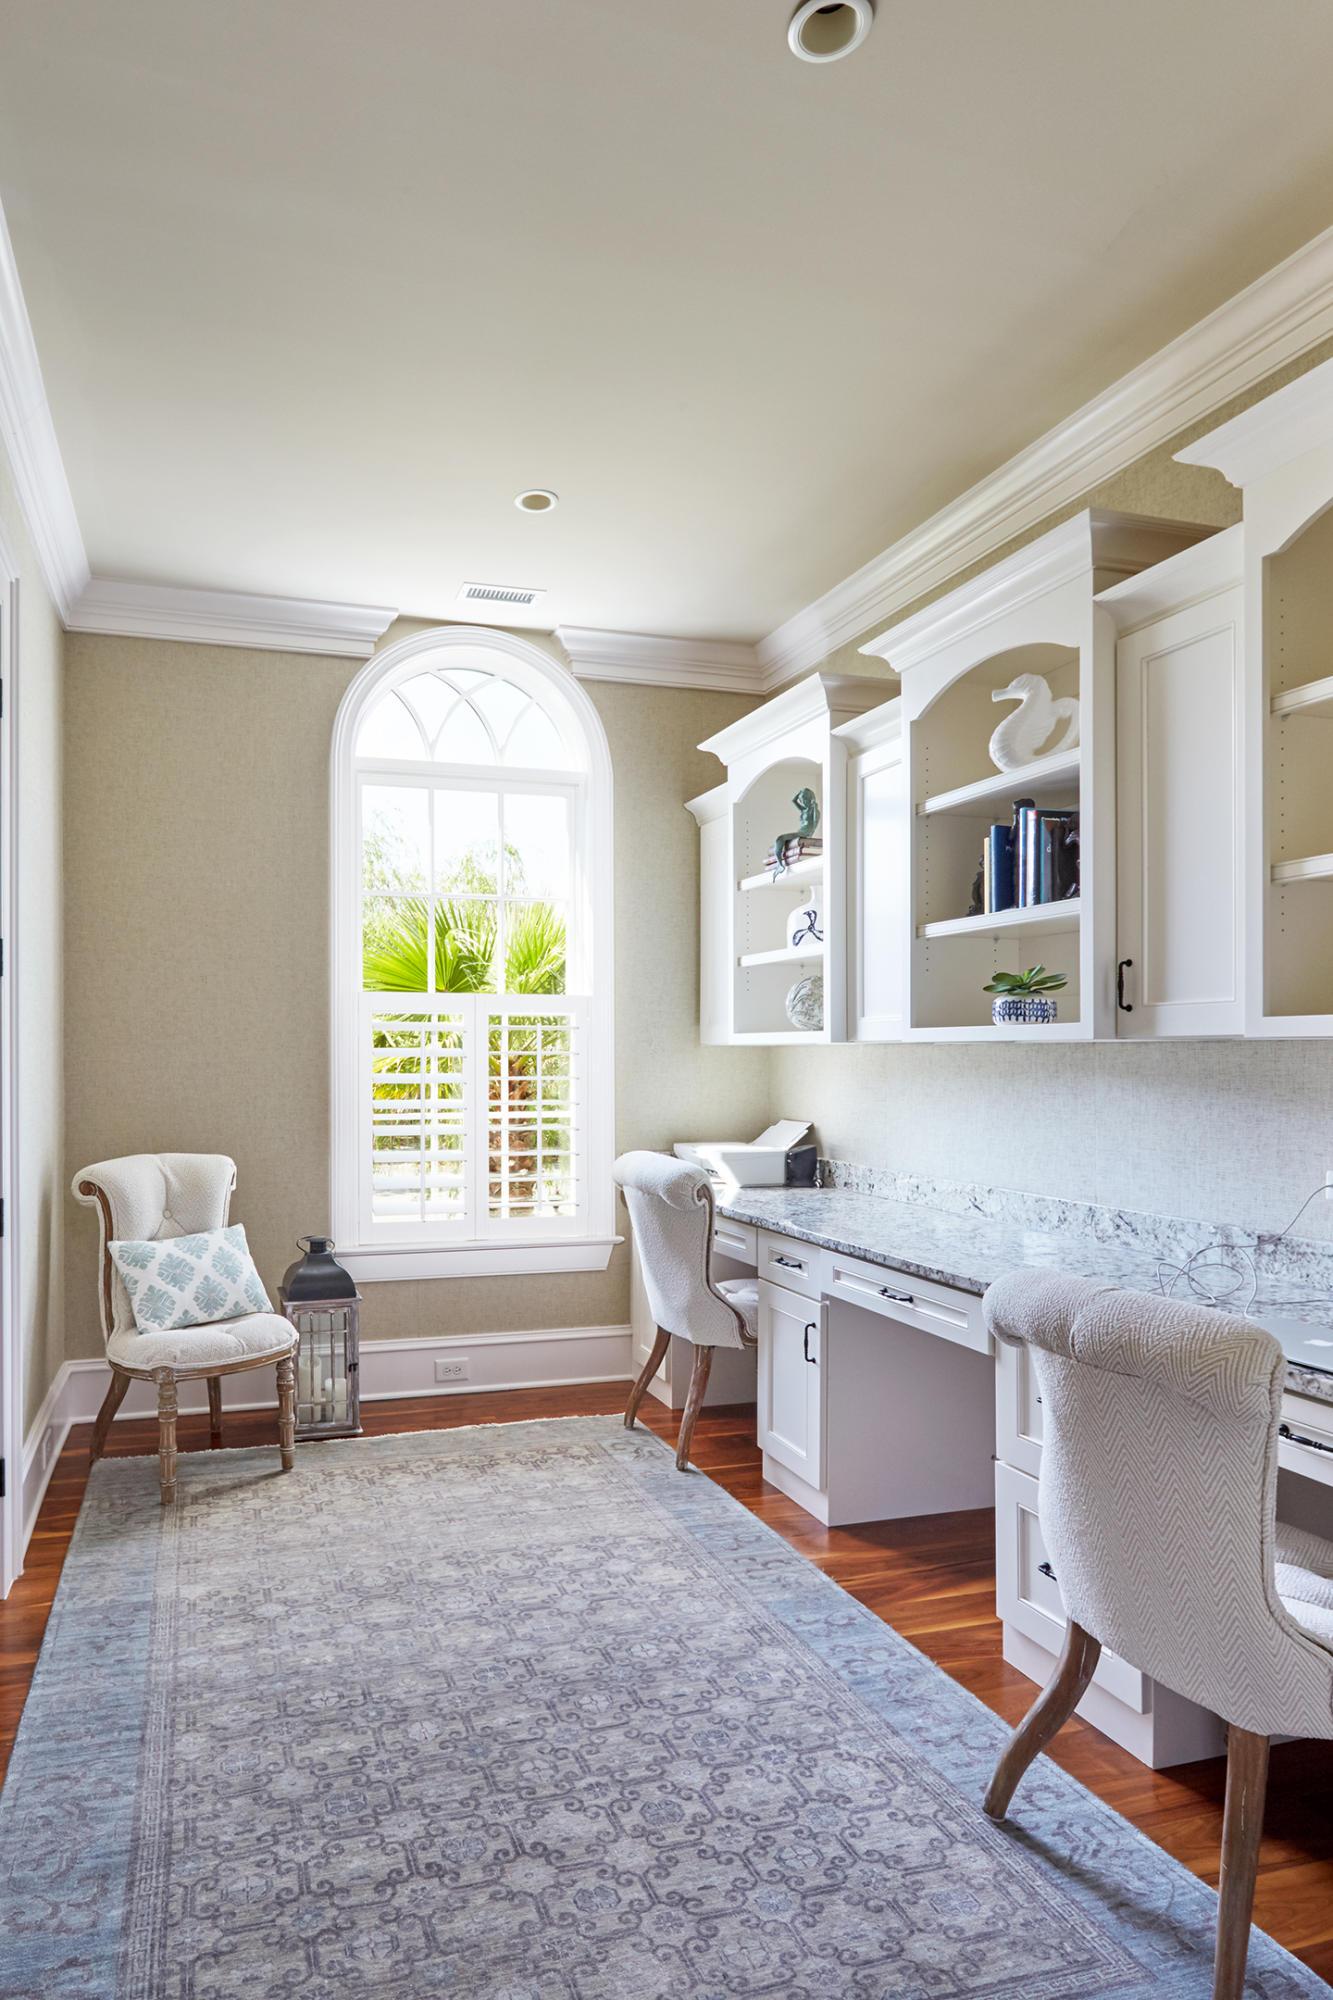 Park West Homes For Sale - 3885 Ashton Shore, Mount Pleasant, SC - 32